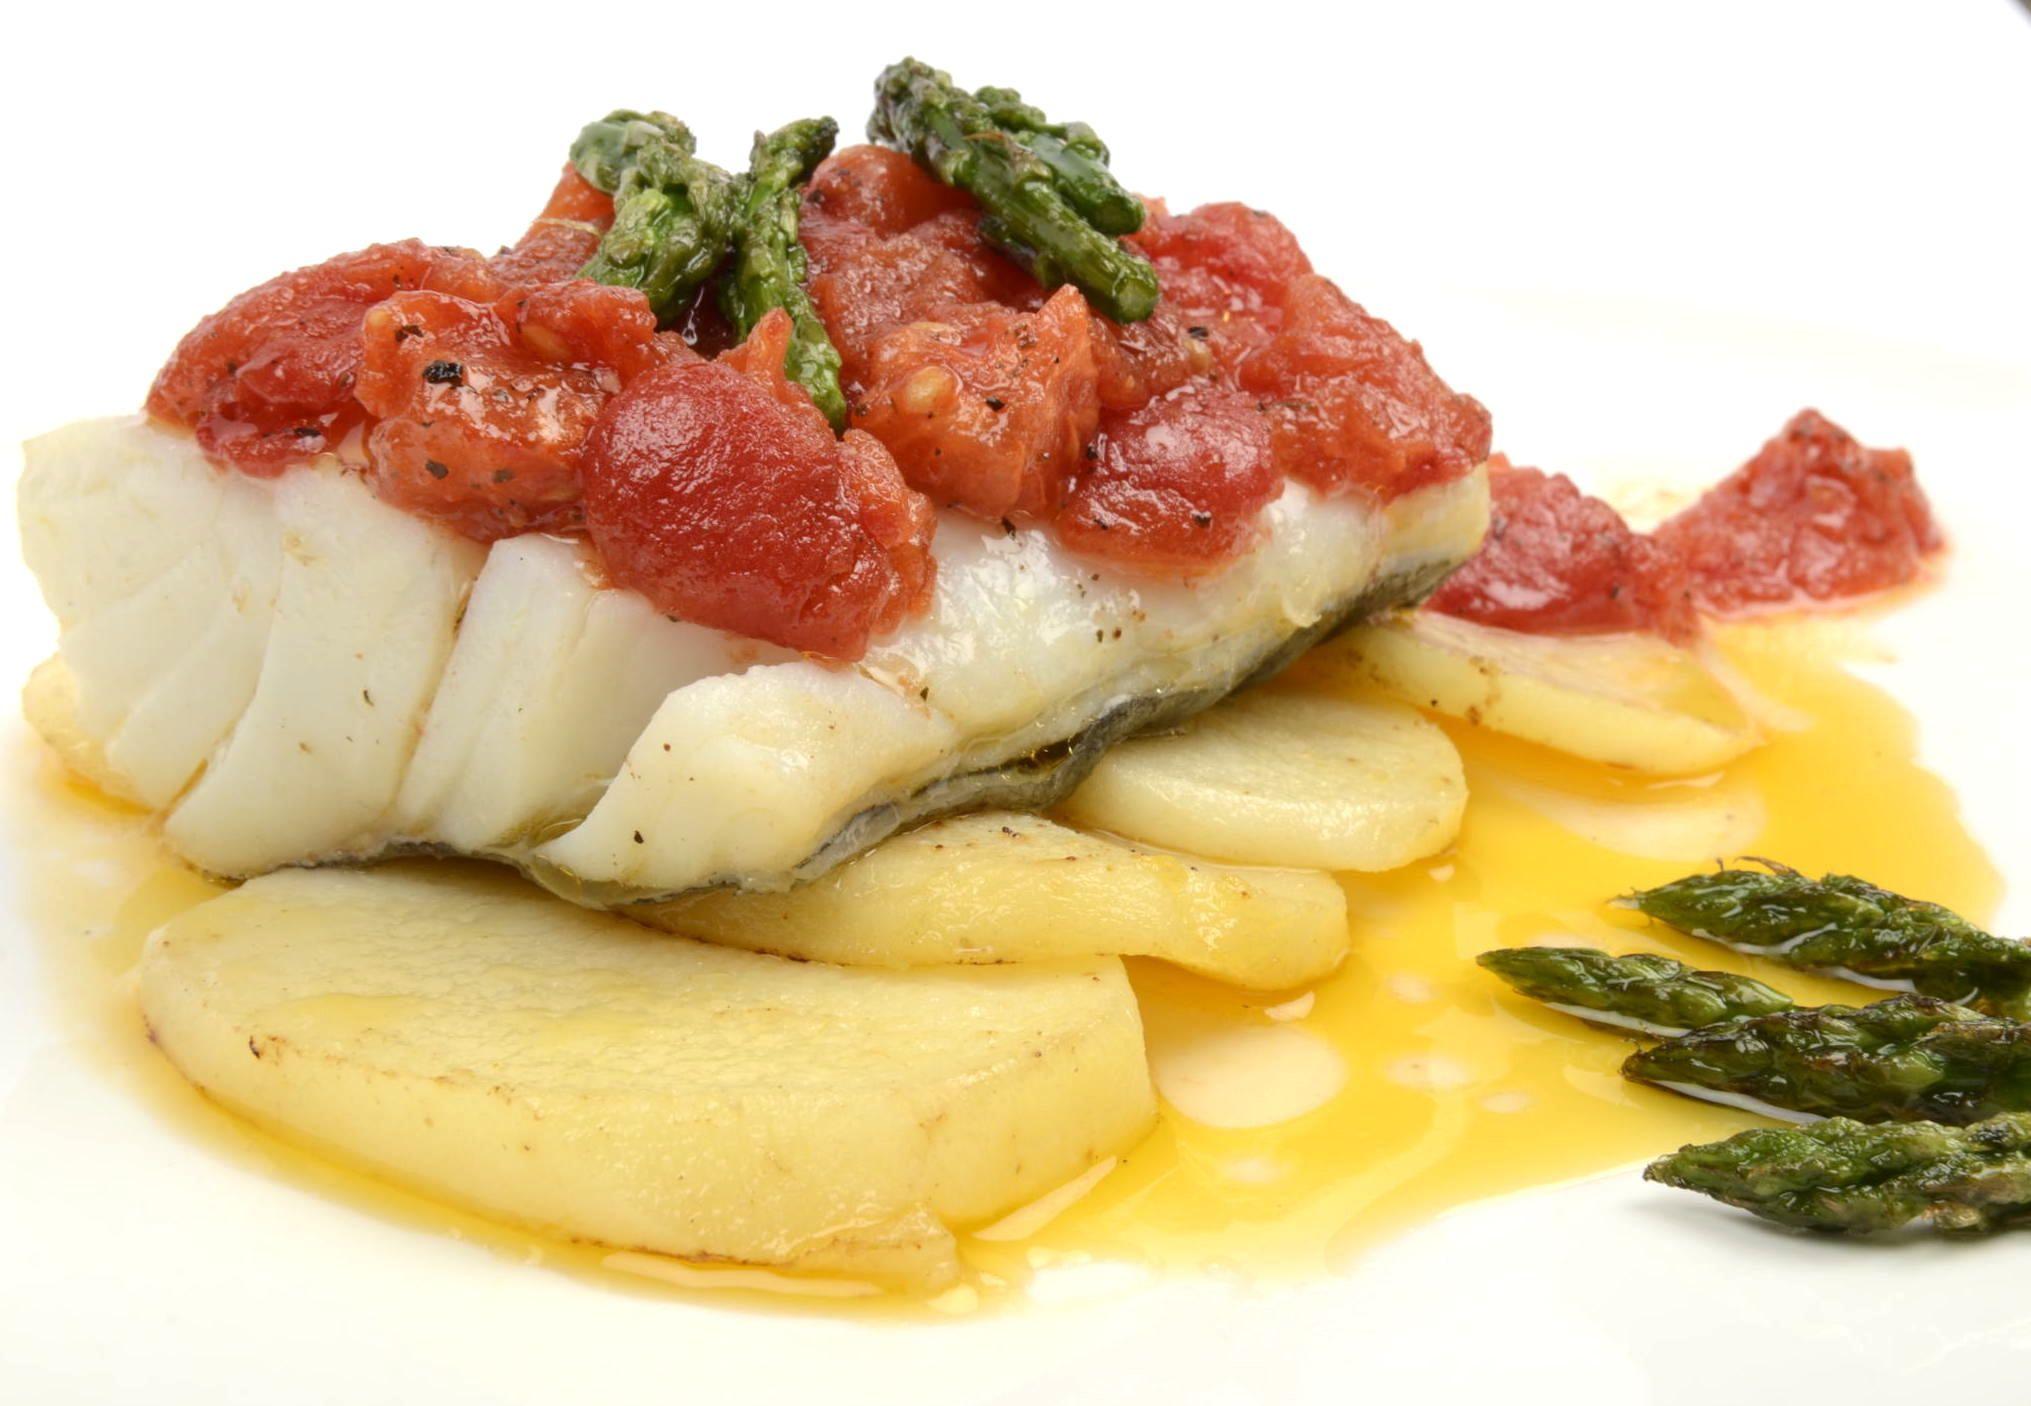 Cocinar Bacalao   Receta De Bacalao Confitado Con Tomate Suave Cocinar Pescado